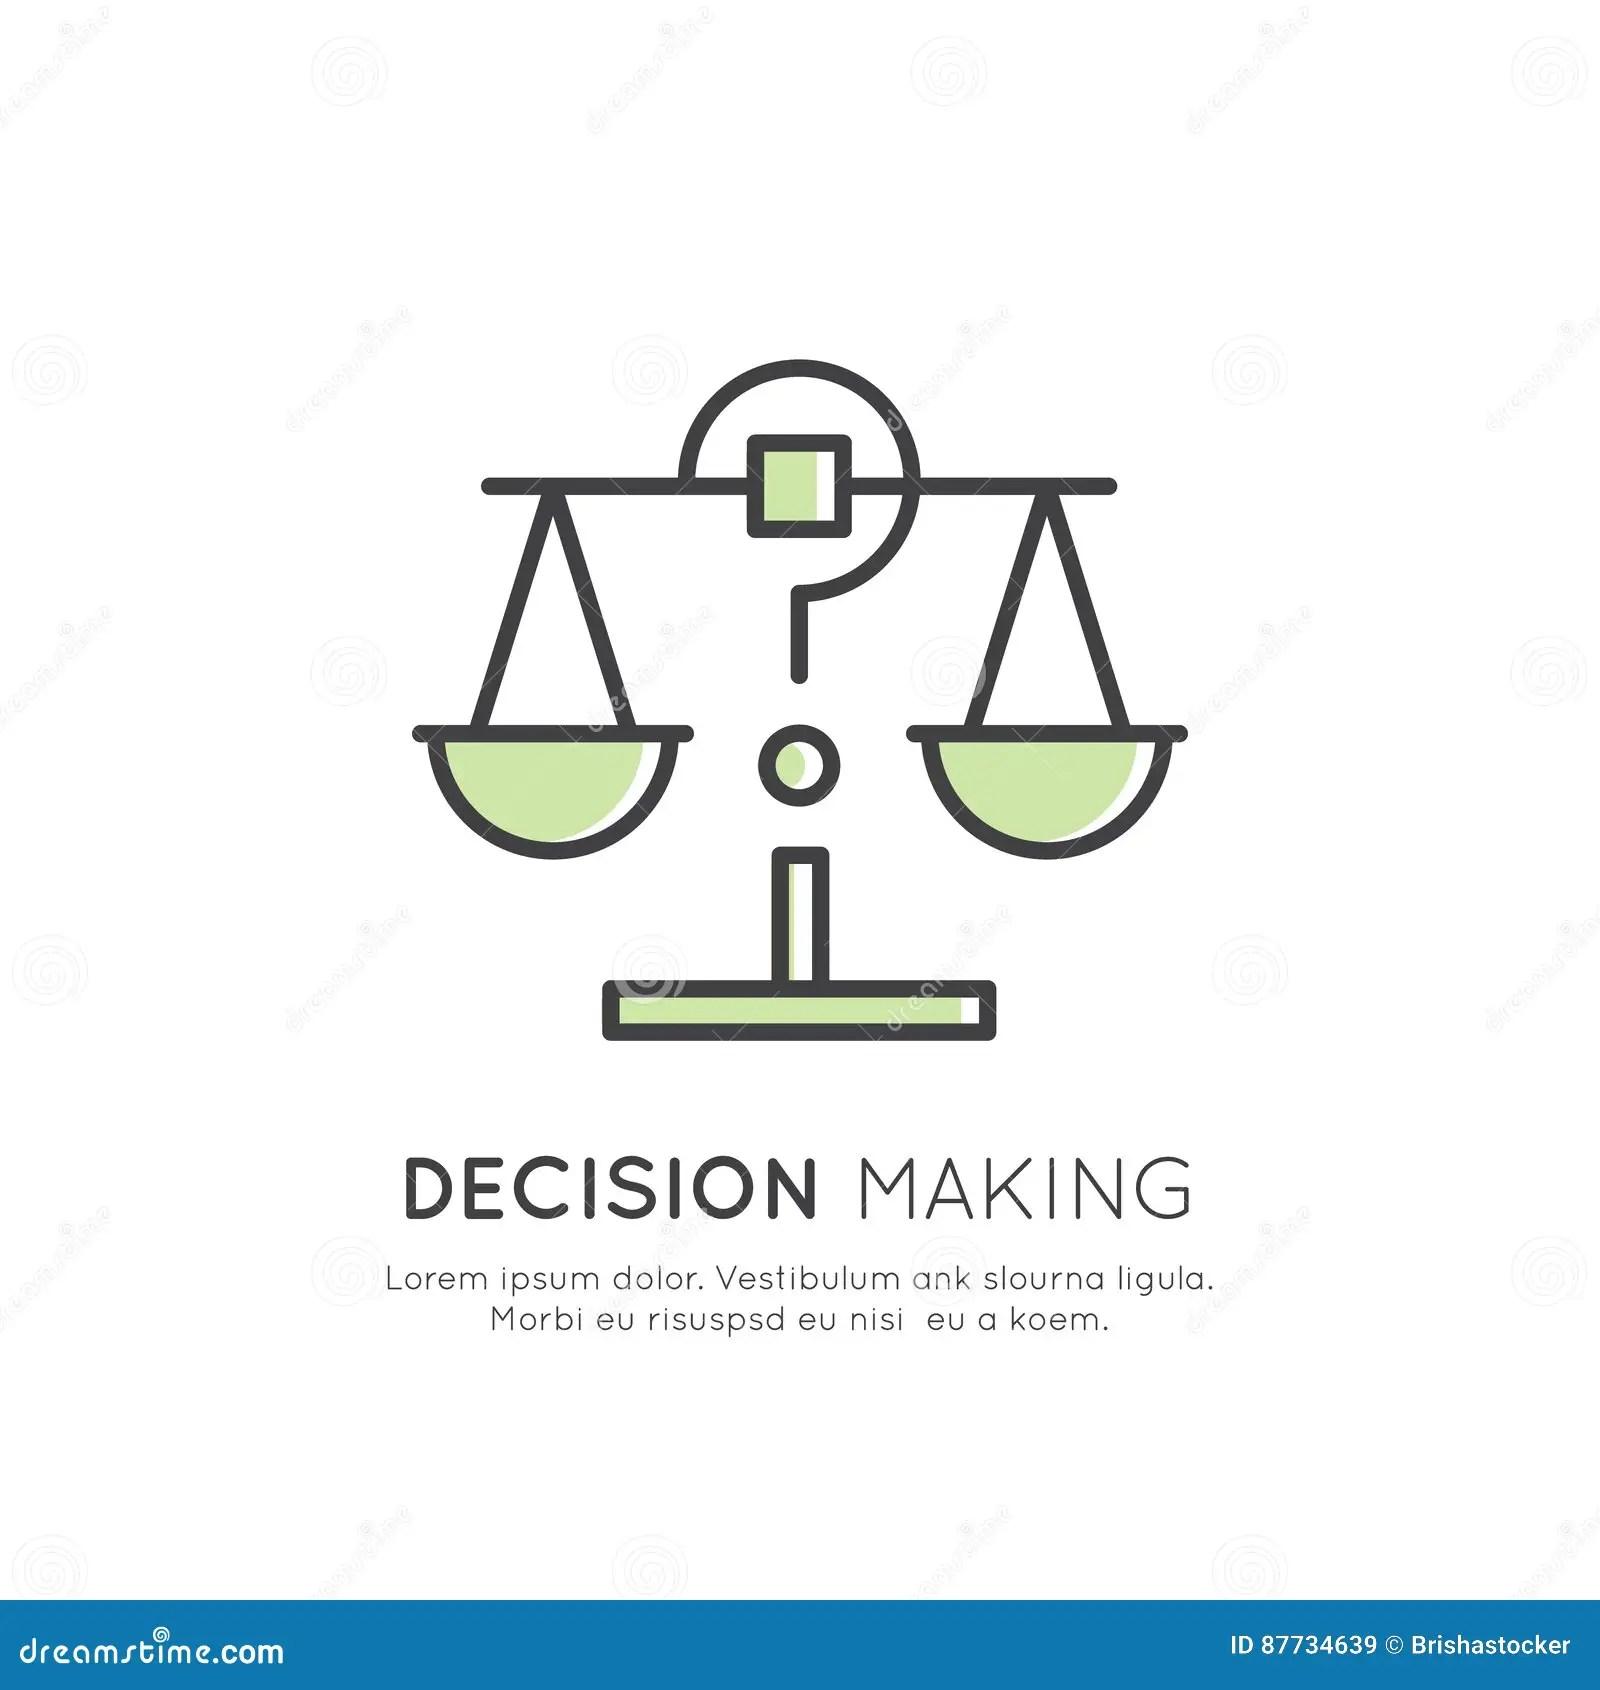 Illustration Of Analytics, Management, Business Thinking